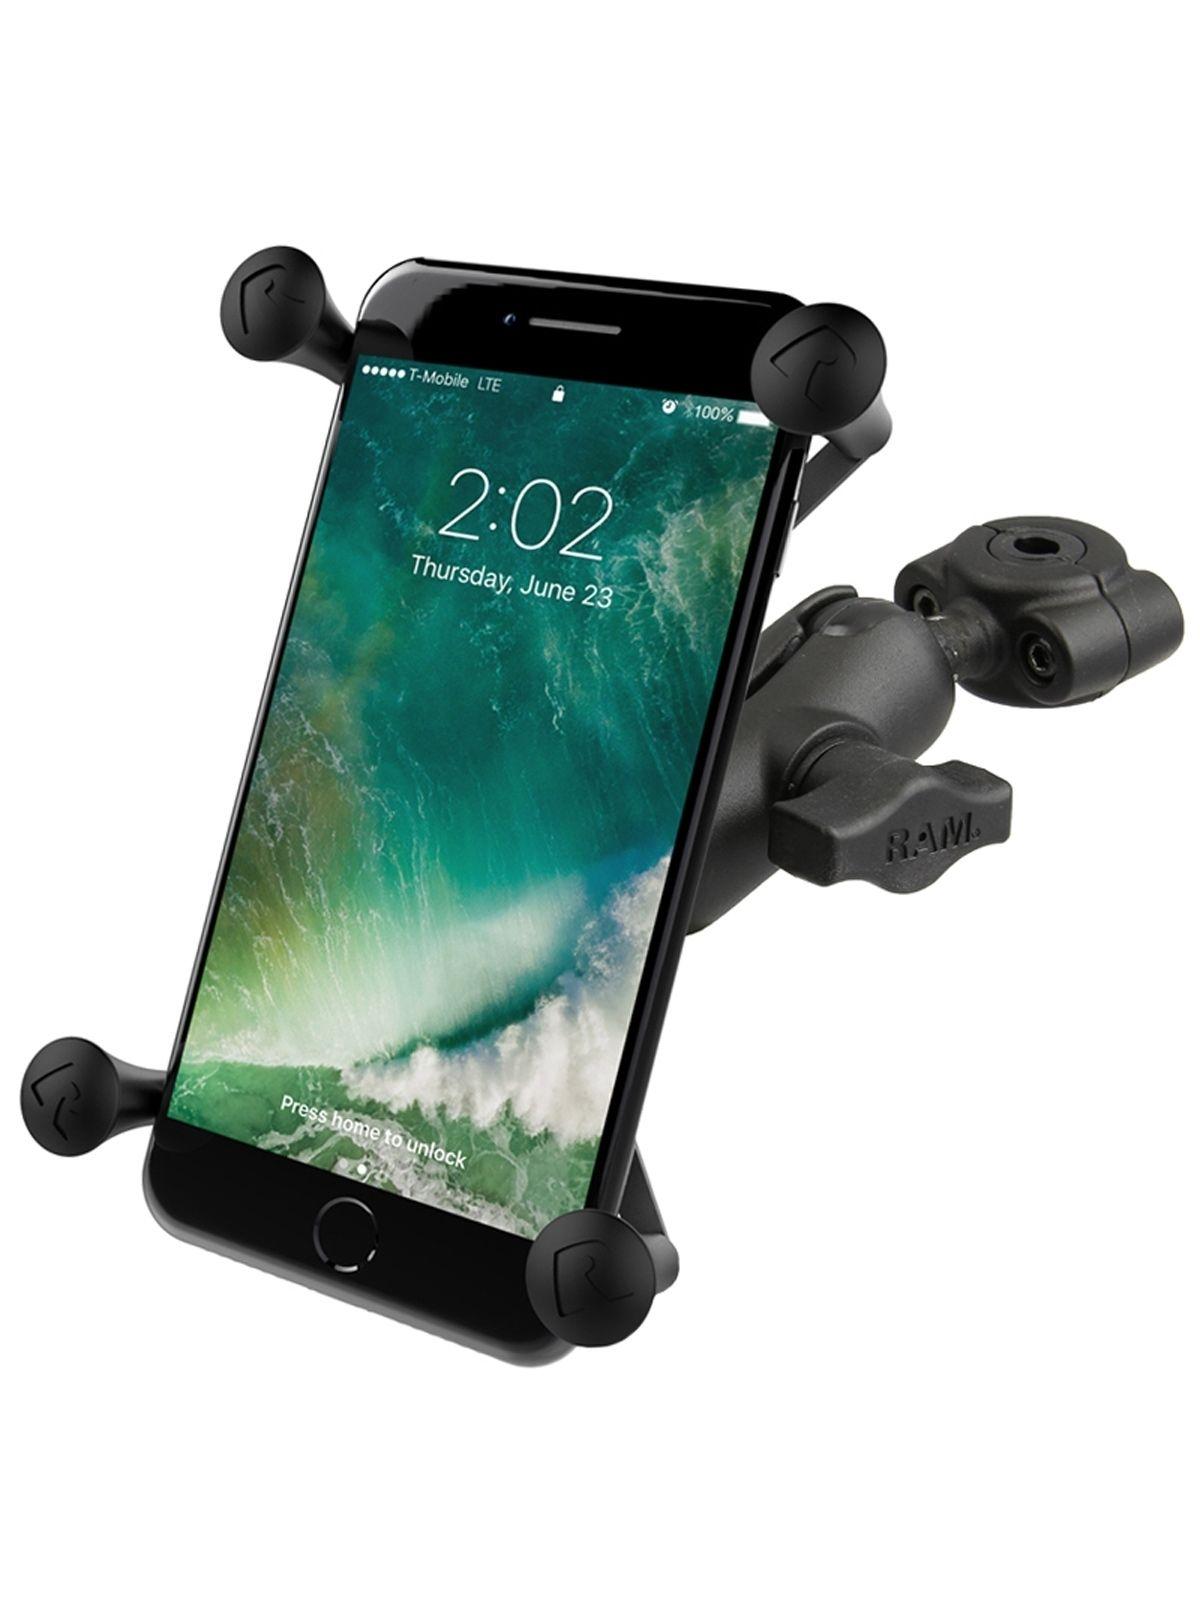 RAM Mounts X-Grip Motorrad-Halterung für Smartphones bis 114,3 mm Breite - B-Kugel (1 Zoll), Torque-Schraubklemme (Durchmesser 9,5-15,8 mm), kurzer Verbindungsarm